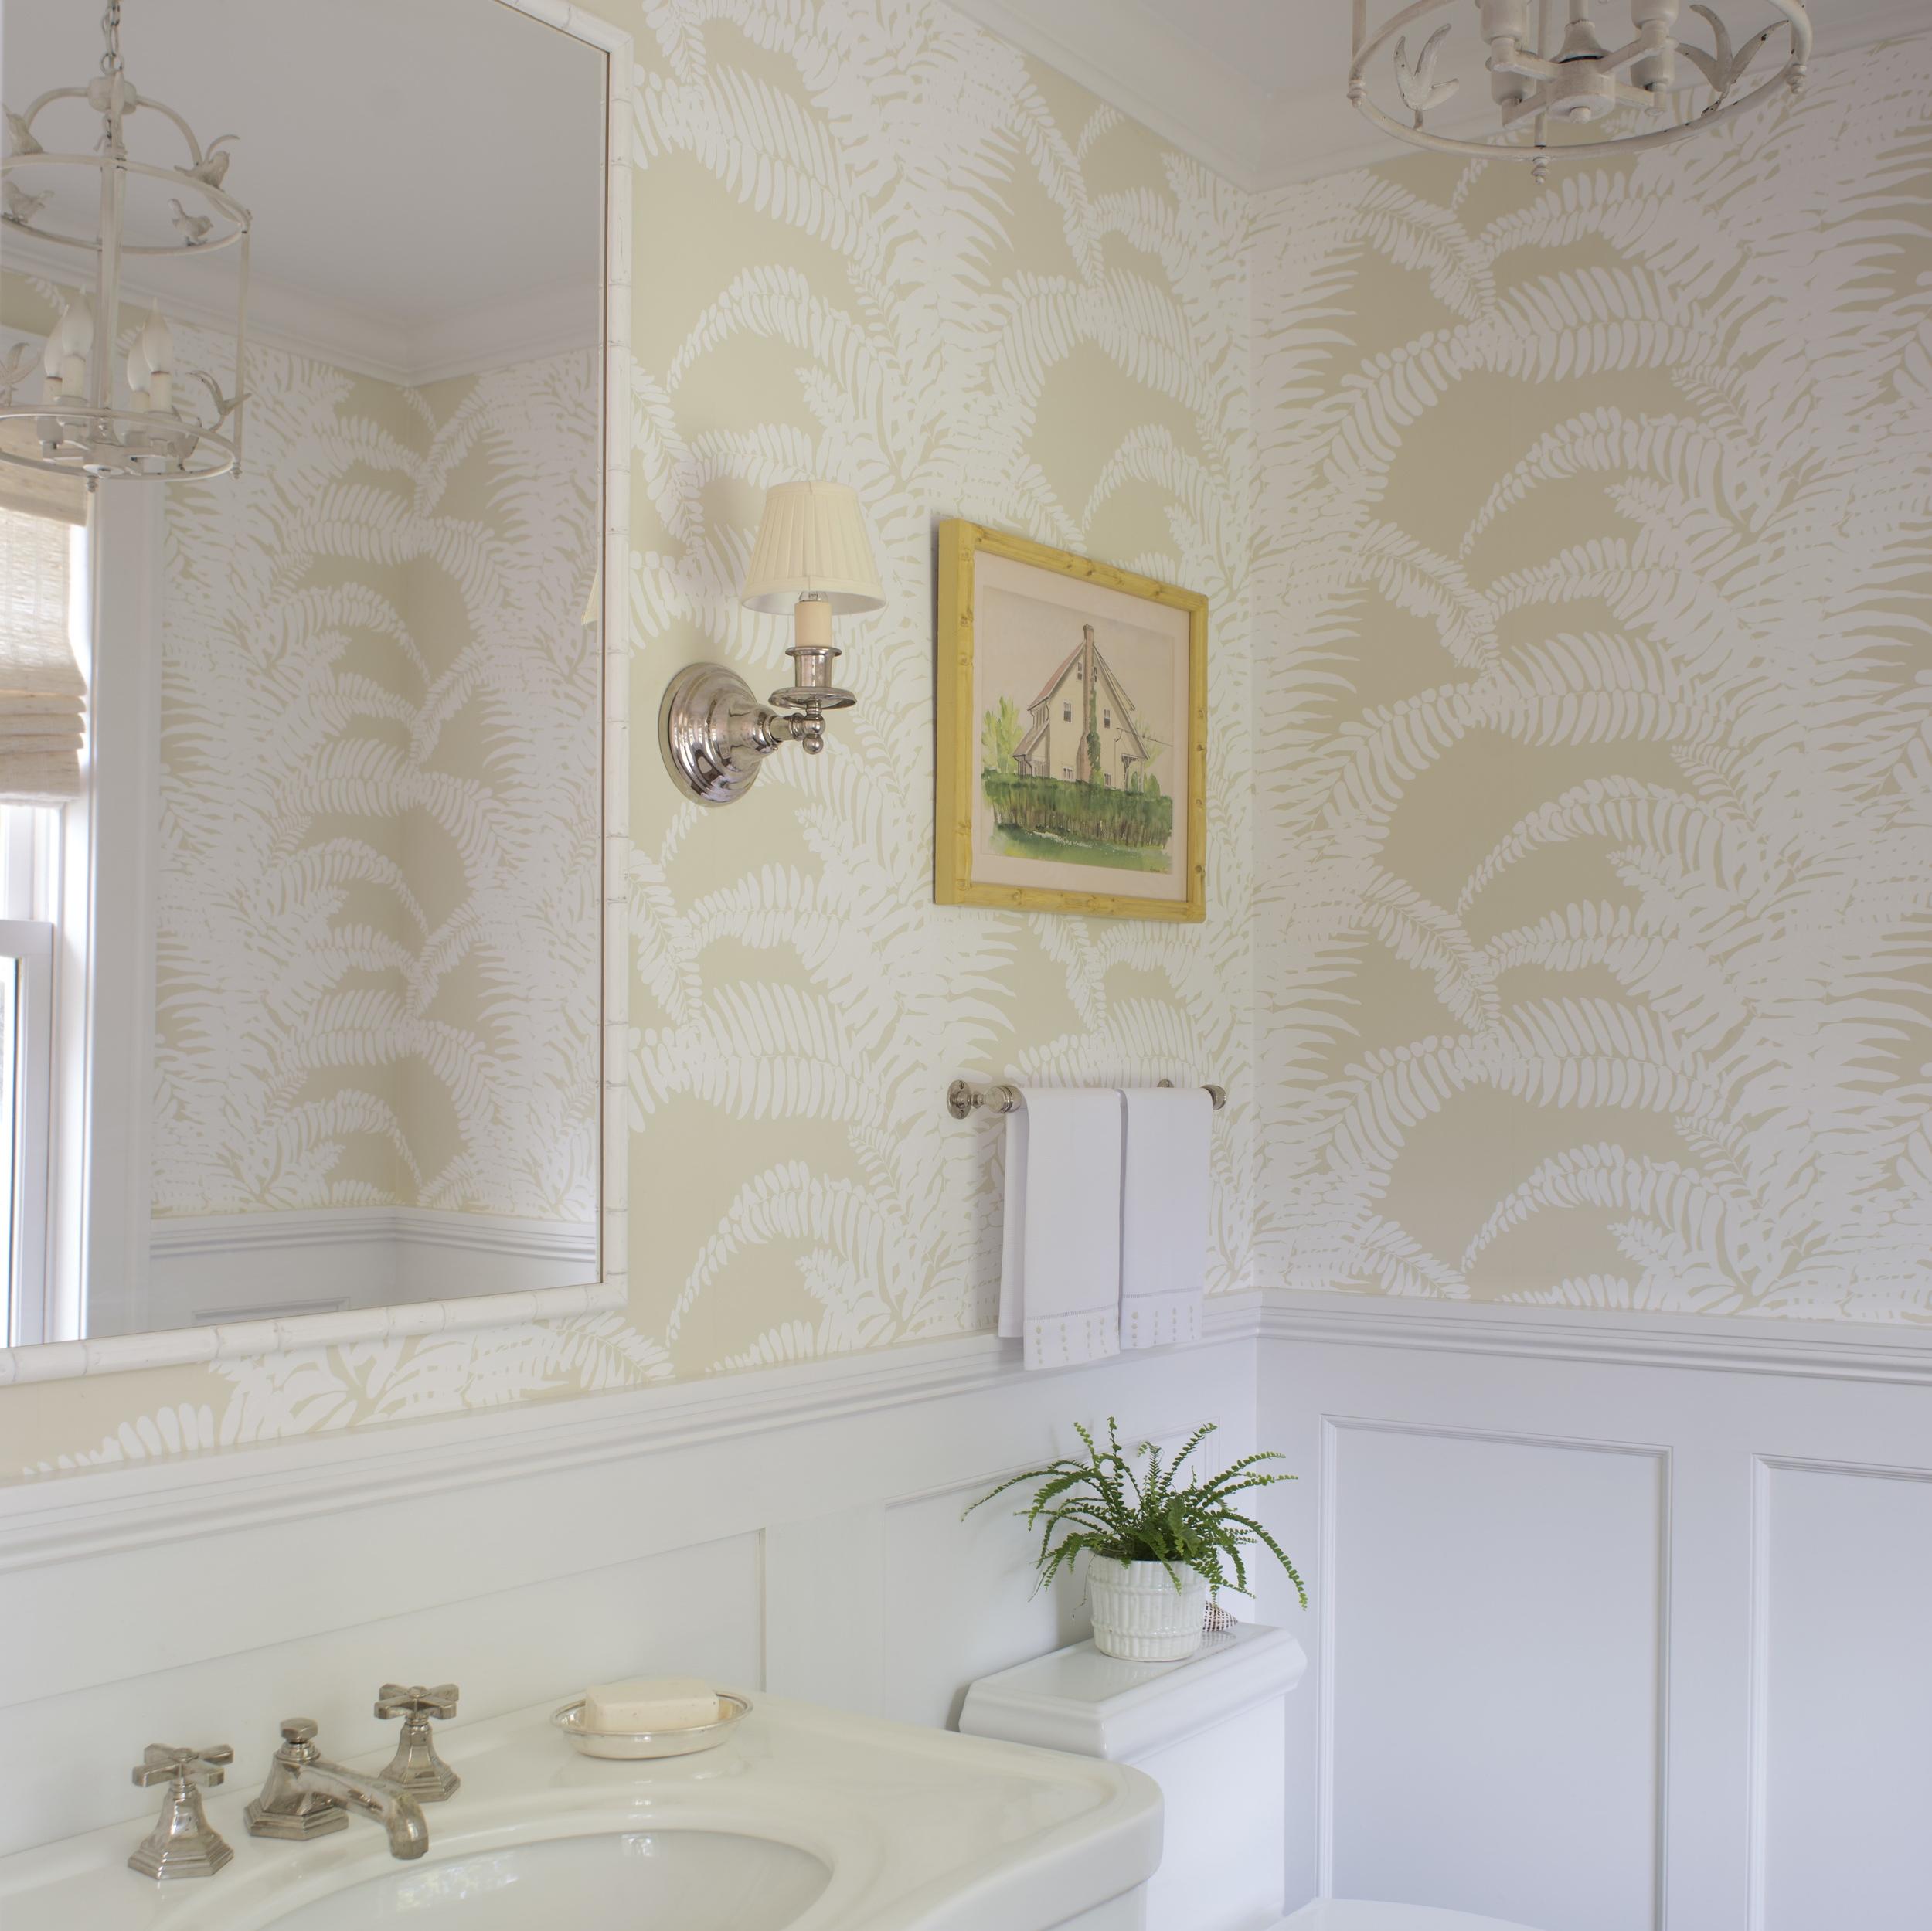 Meg Braff Wallpaper: Ferns